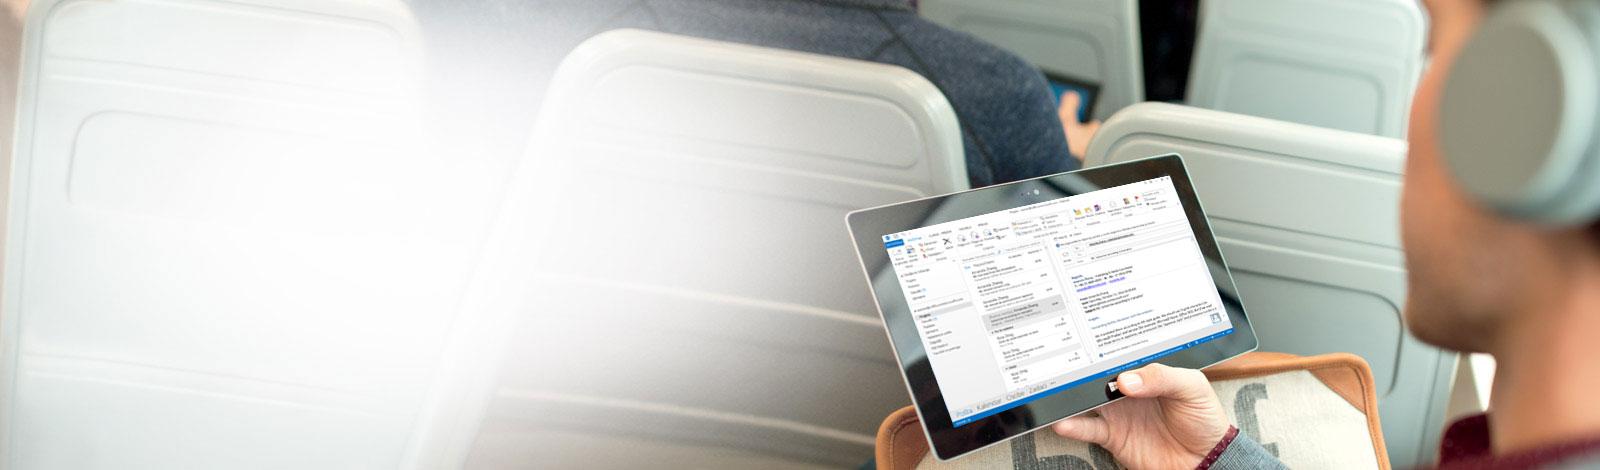 Čovek drži tablet na kojem je prikazano njegovo prijemno poštansko sanduče. Pristupite e-pošti sa bilo kog mesta koristeći Office 365.